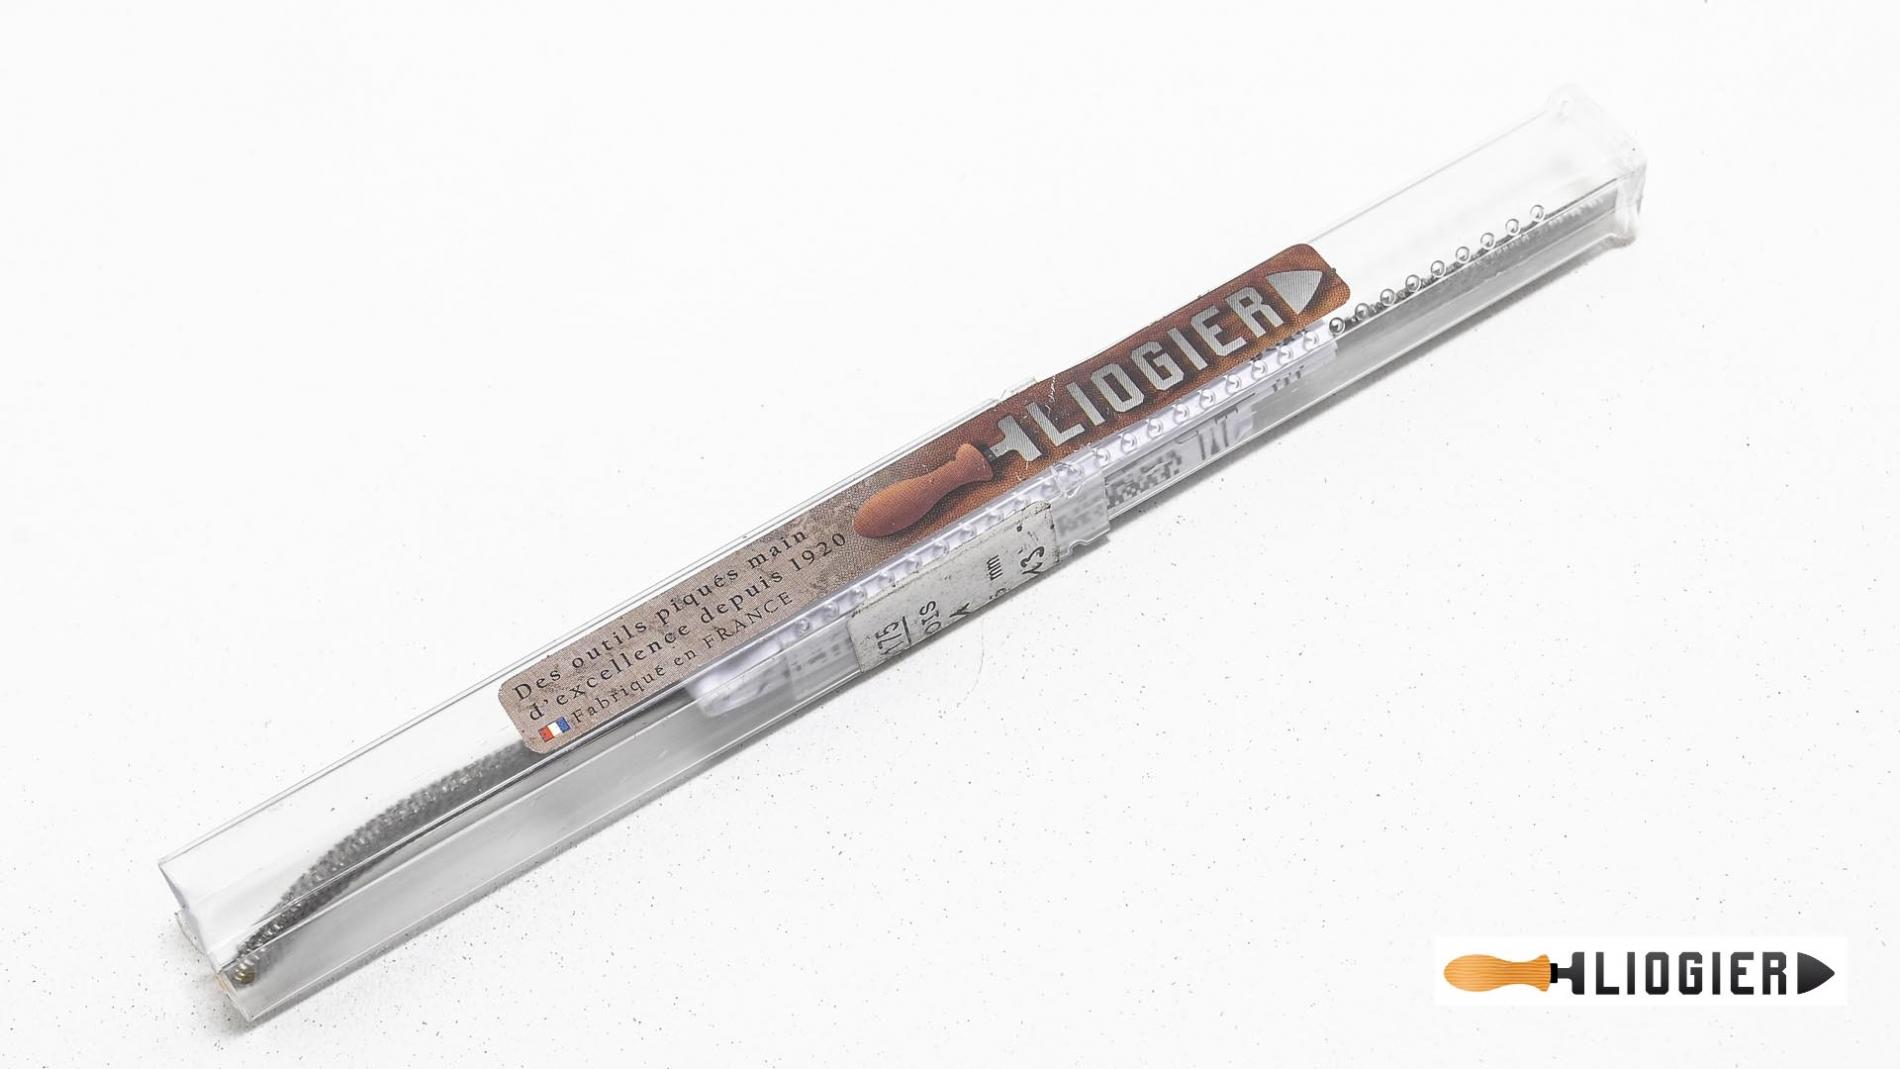 L175-1-13-Escofina de codillo 1 cuchara y cuchillo 175mm pique 13 Liogier L175-1-13-max-10.